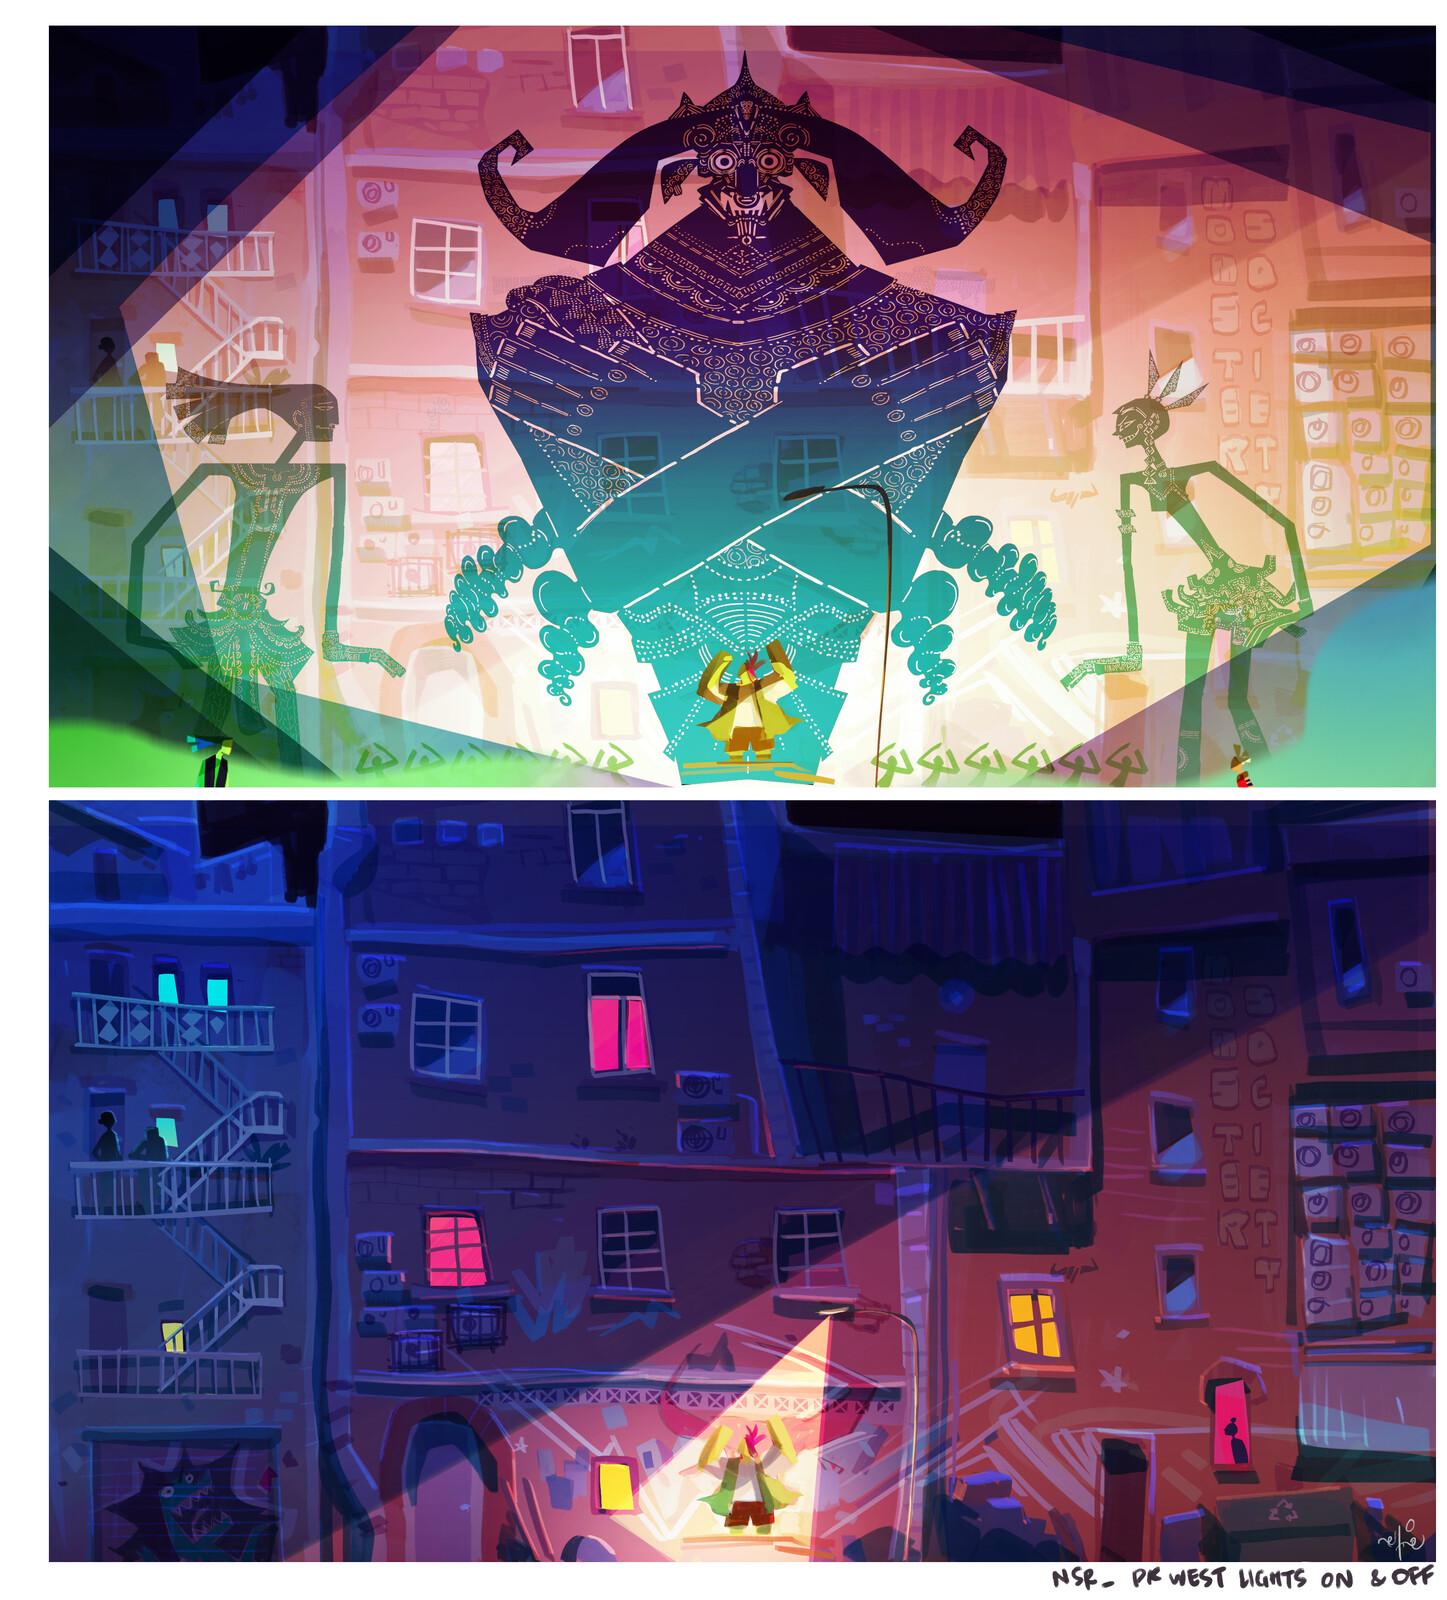 DK West concept art